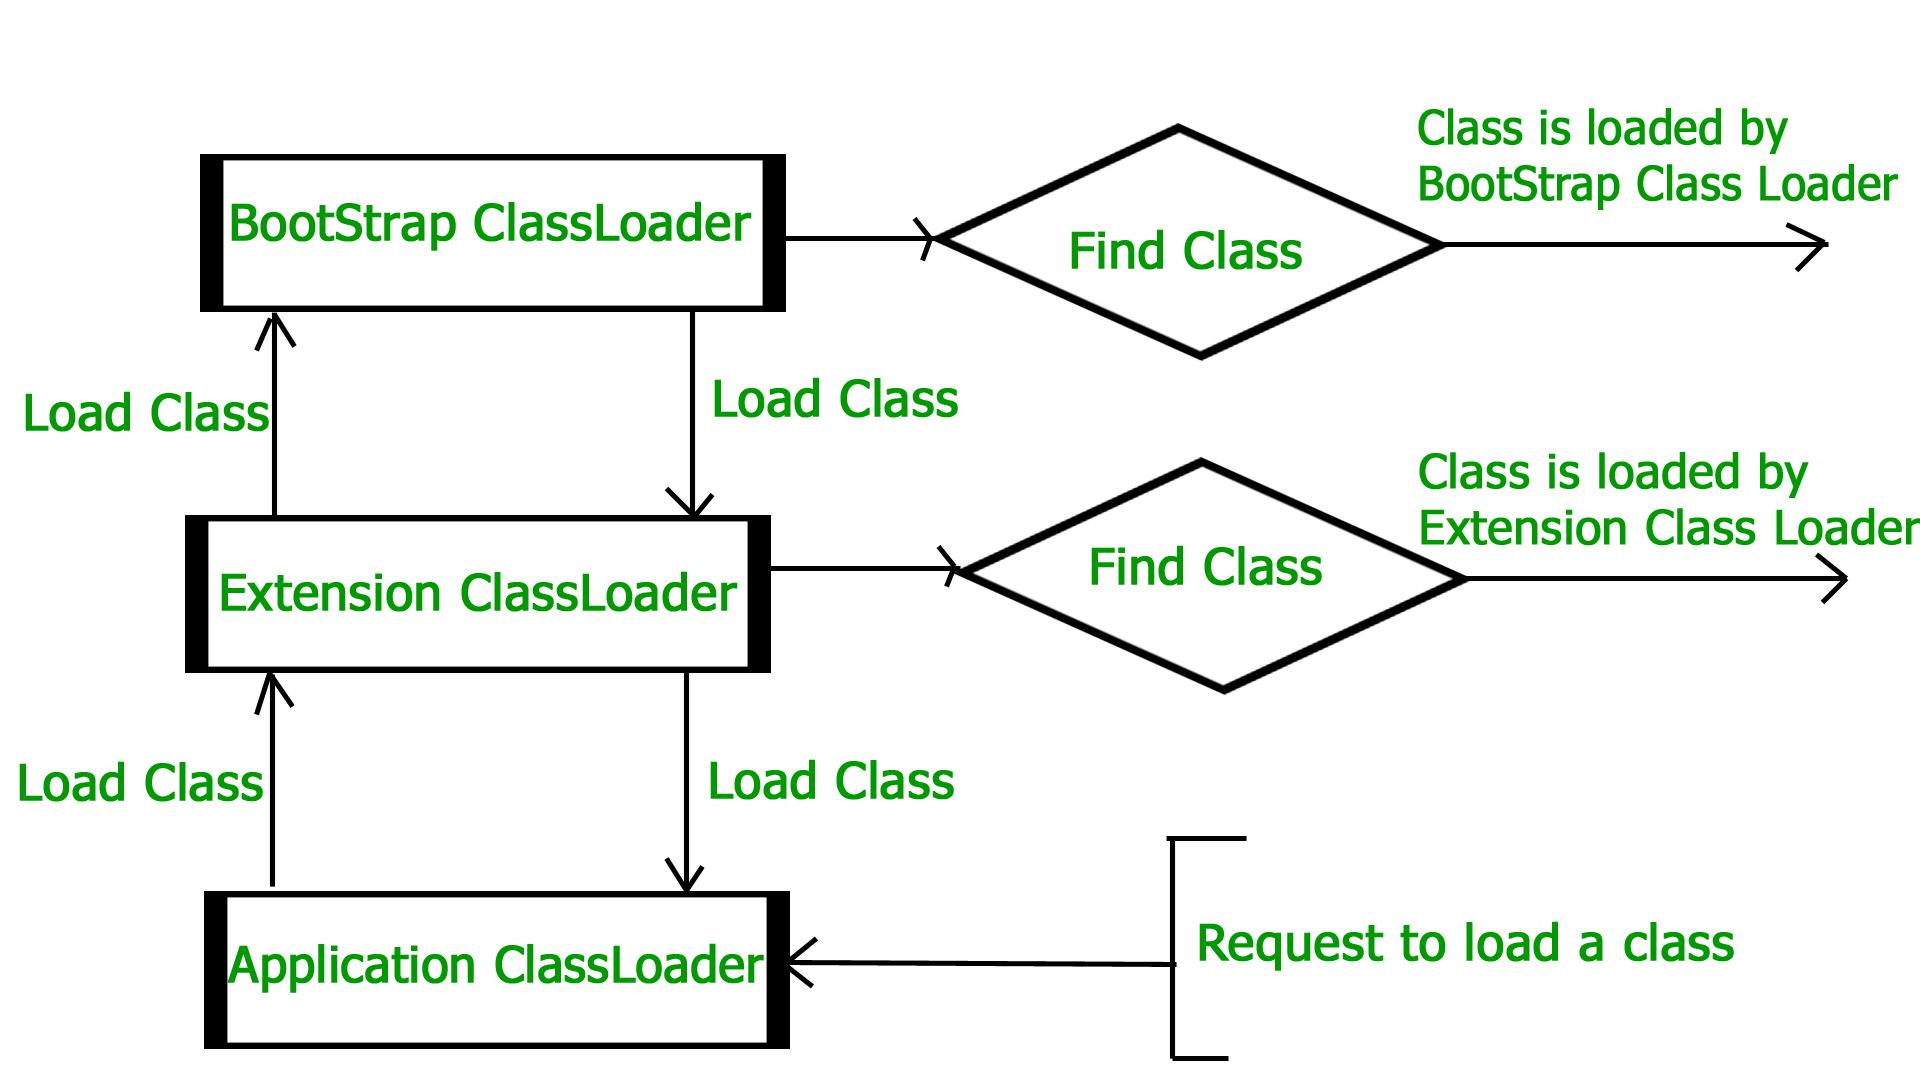 jvm architecture diagram 2005 suzuki eiger 400 wiring how works geeksforgeeks